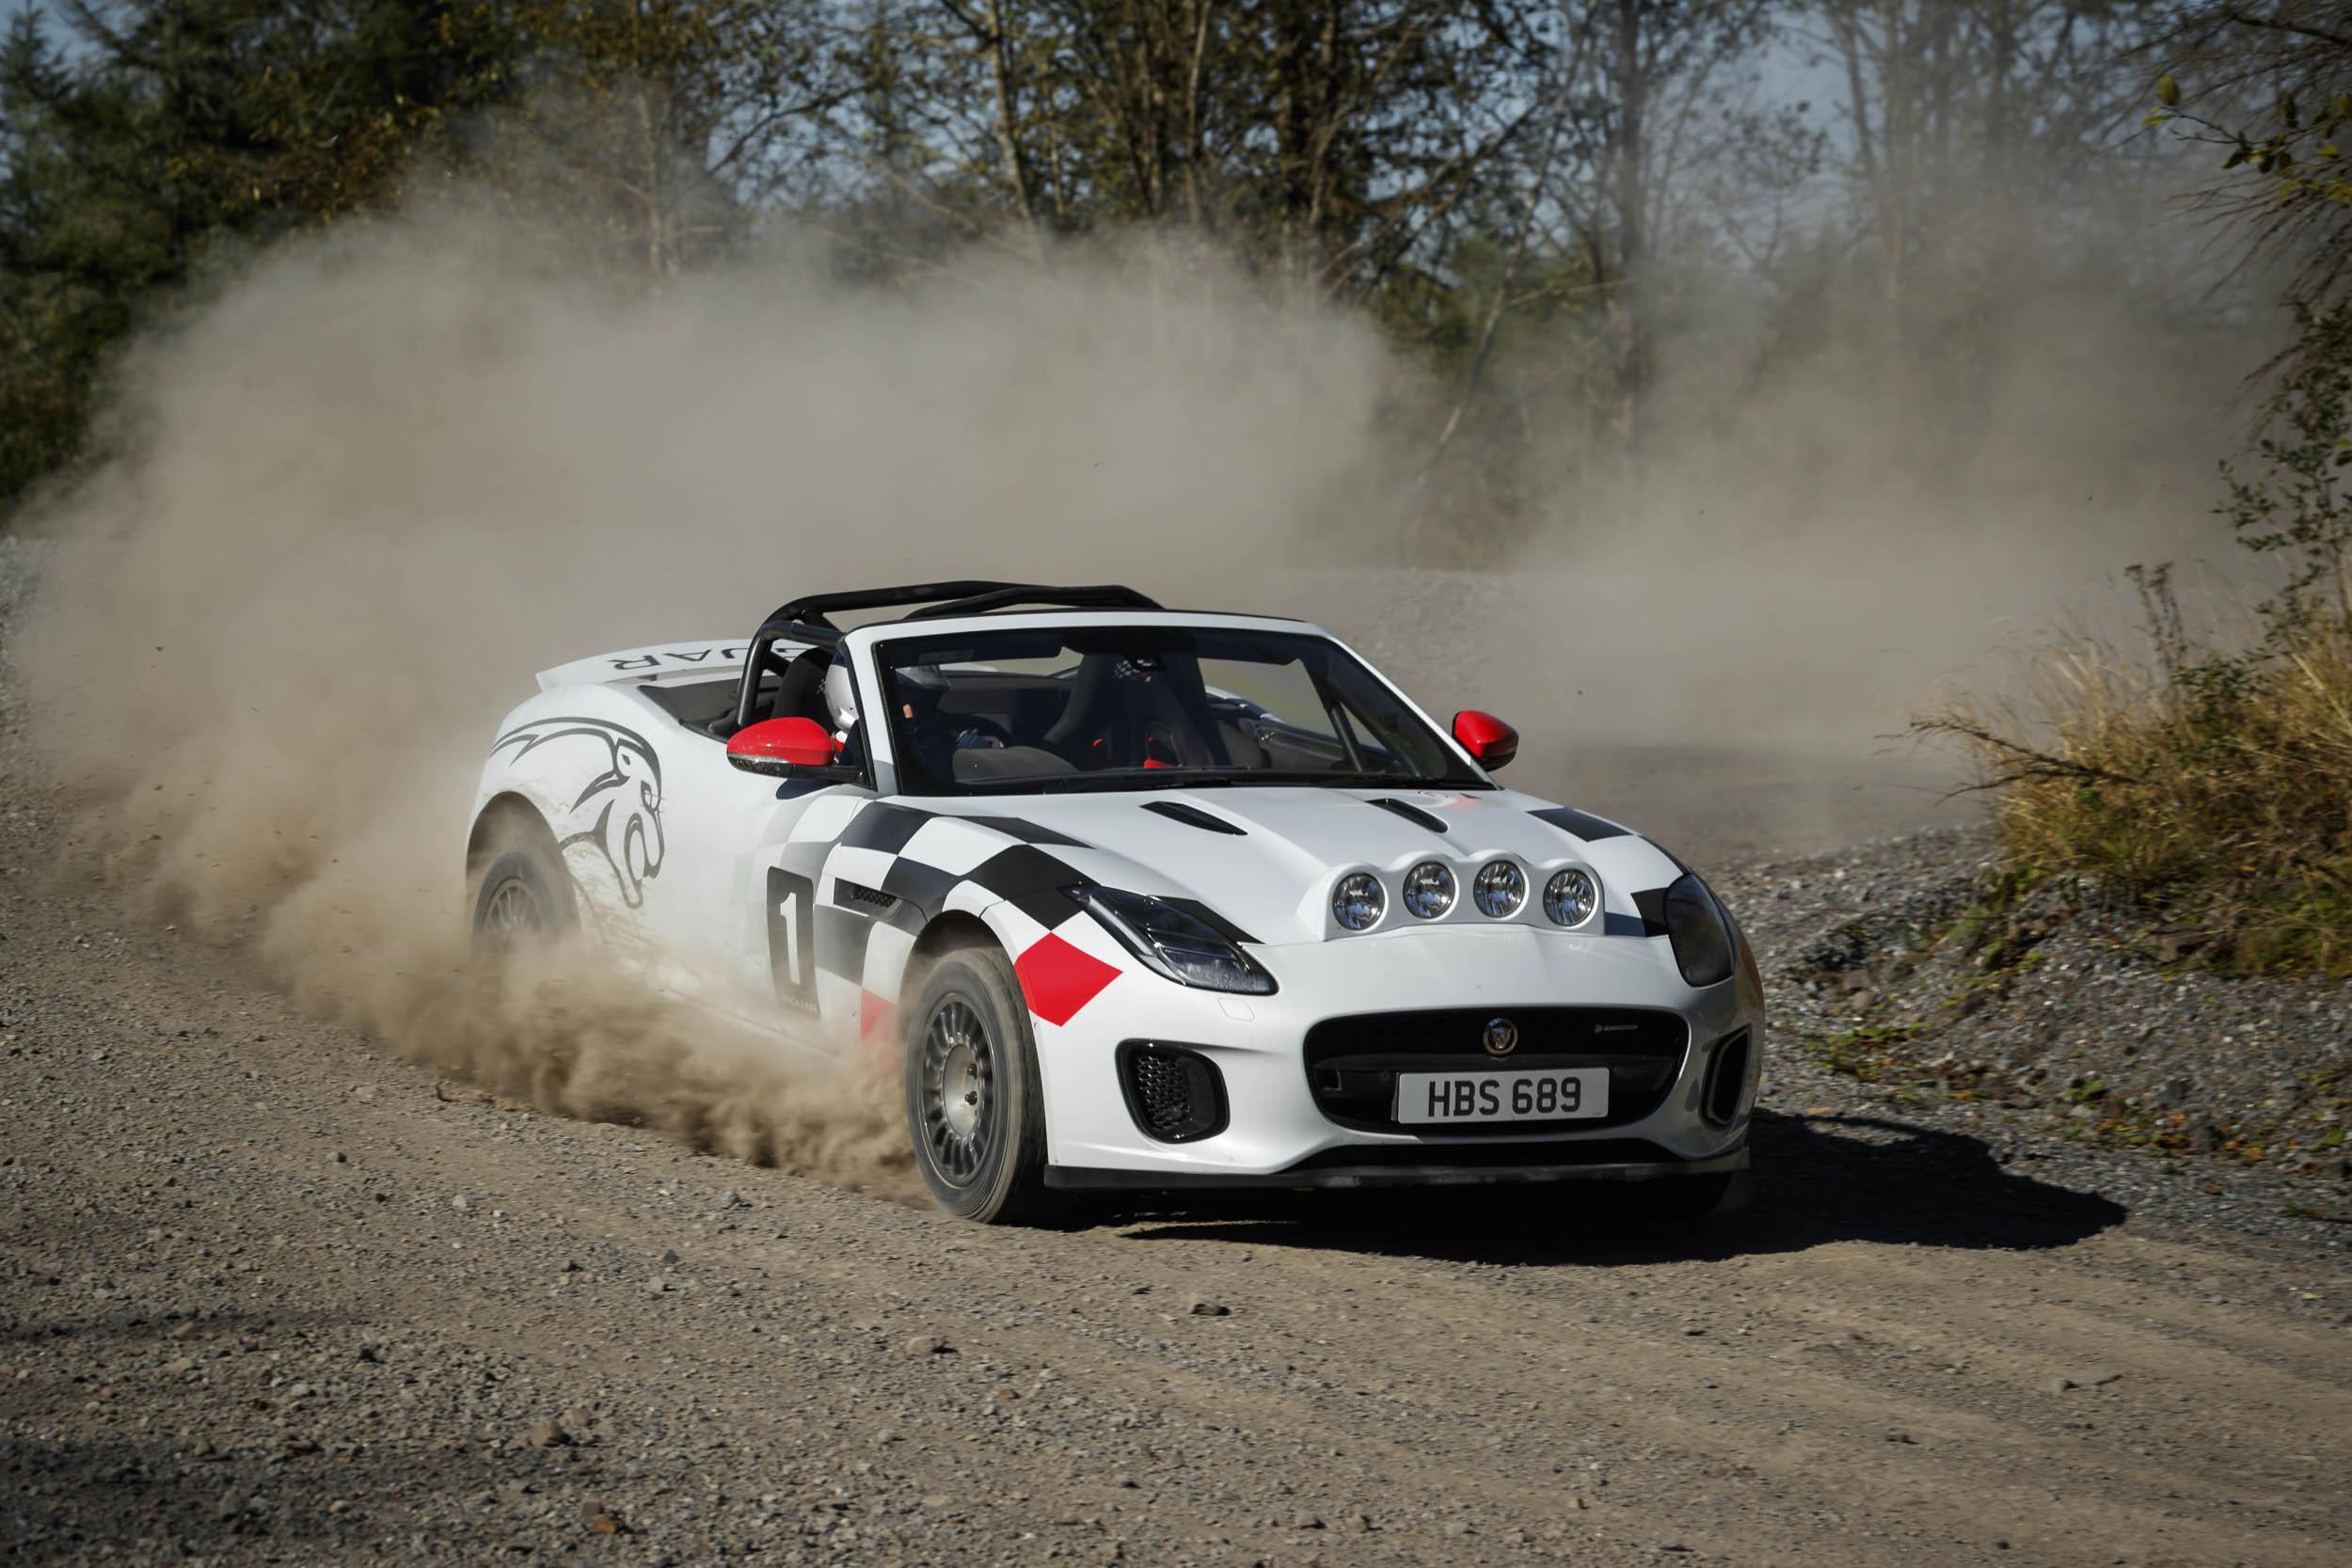 Jaguar F-type convertible rally car kicking up dirt